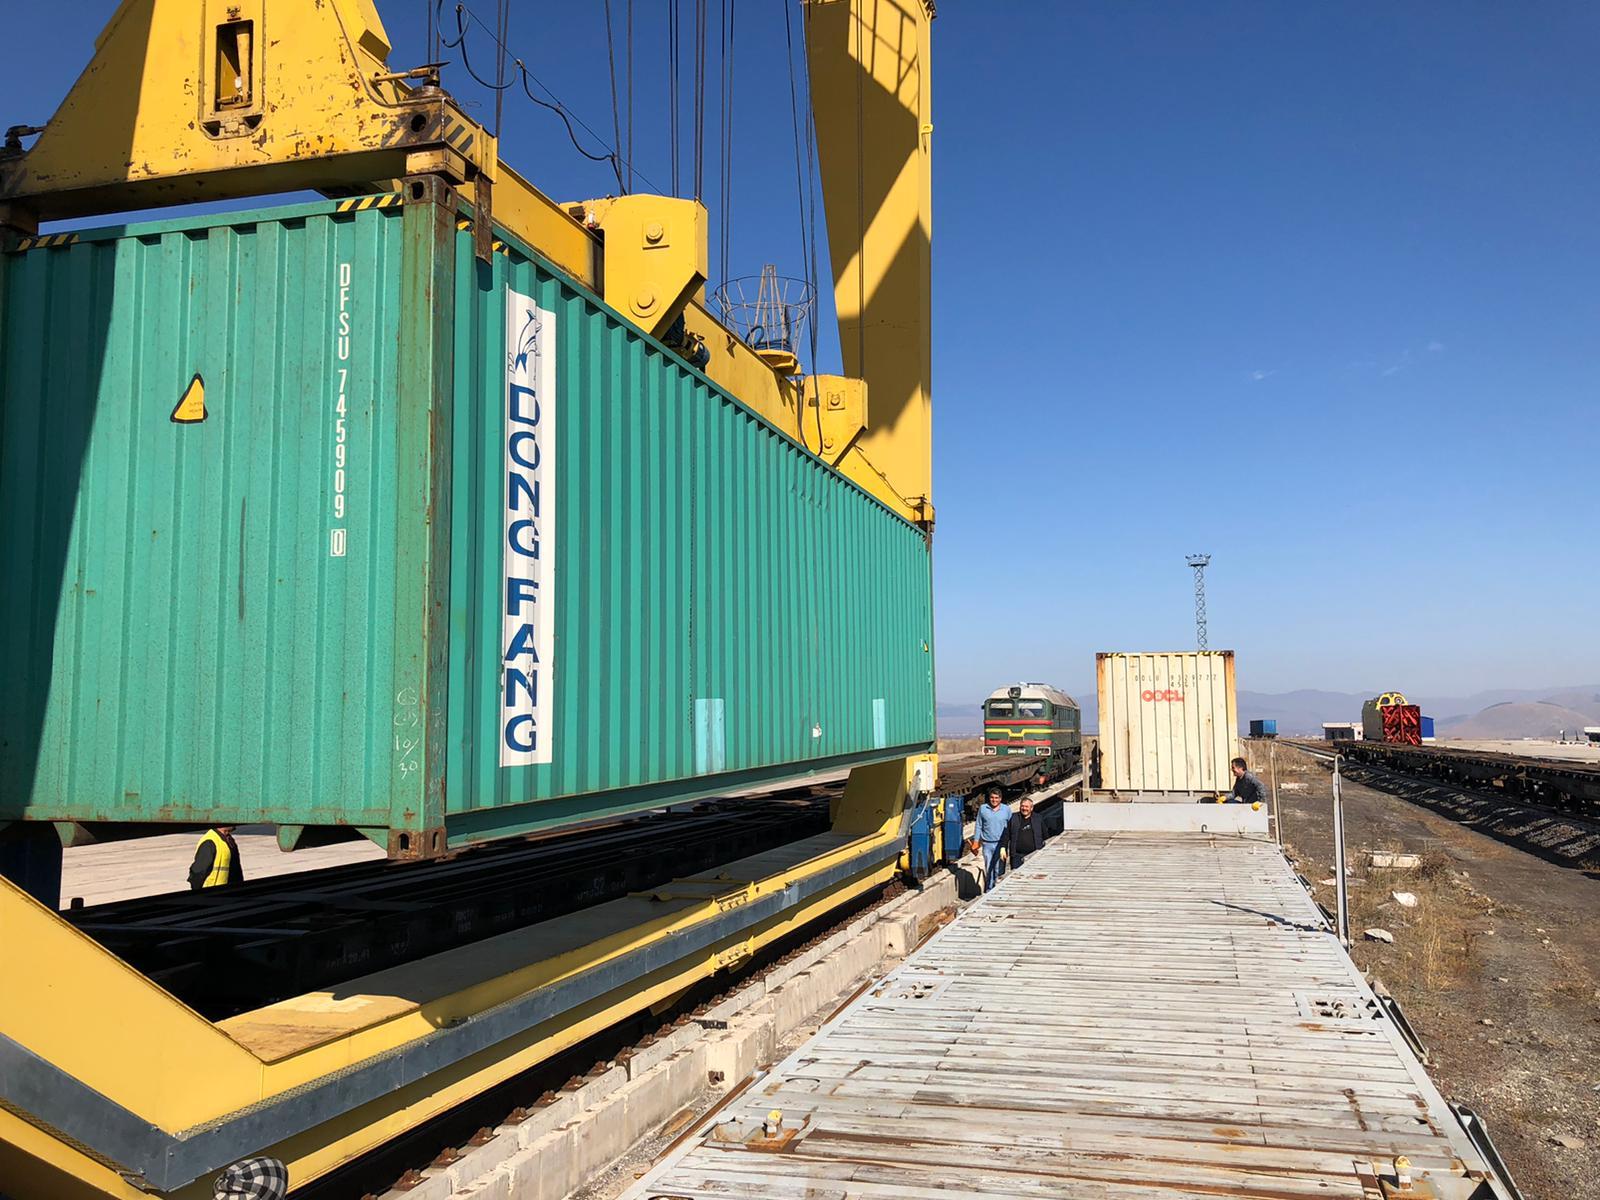 Çin'den yola çıkıp gelen tren Türkiye ticaret yollarını güncelleyecek